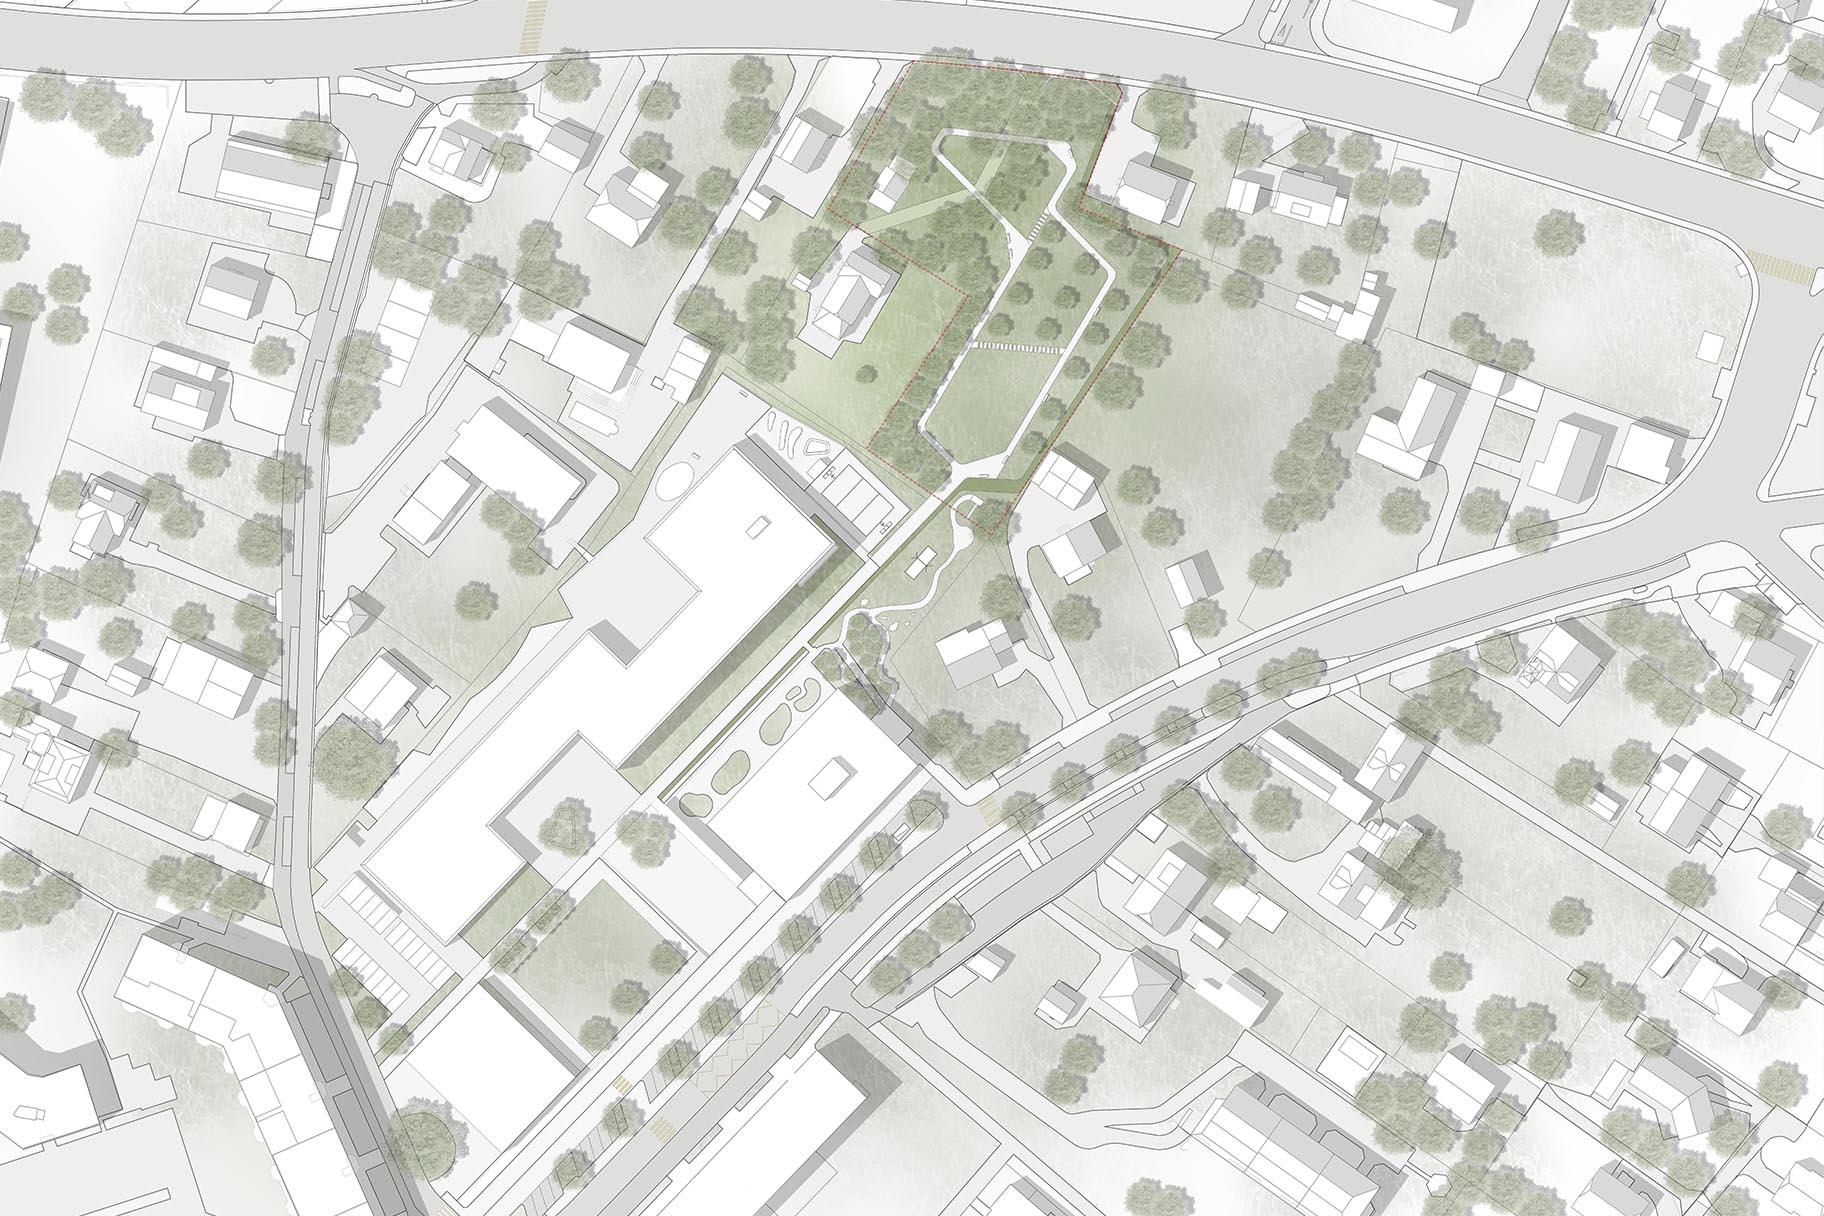 Plan masse général d'avant-projet pour le parc du Signal jouxtant l'école allemande de Genève à Vernier, par le bureau VIMADE Architectes paysagistes